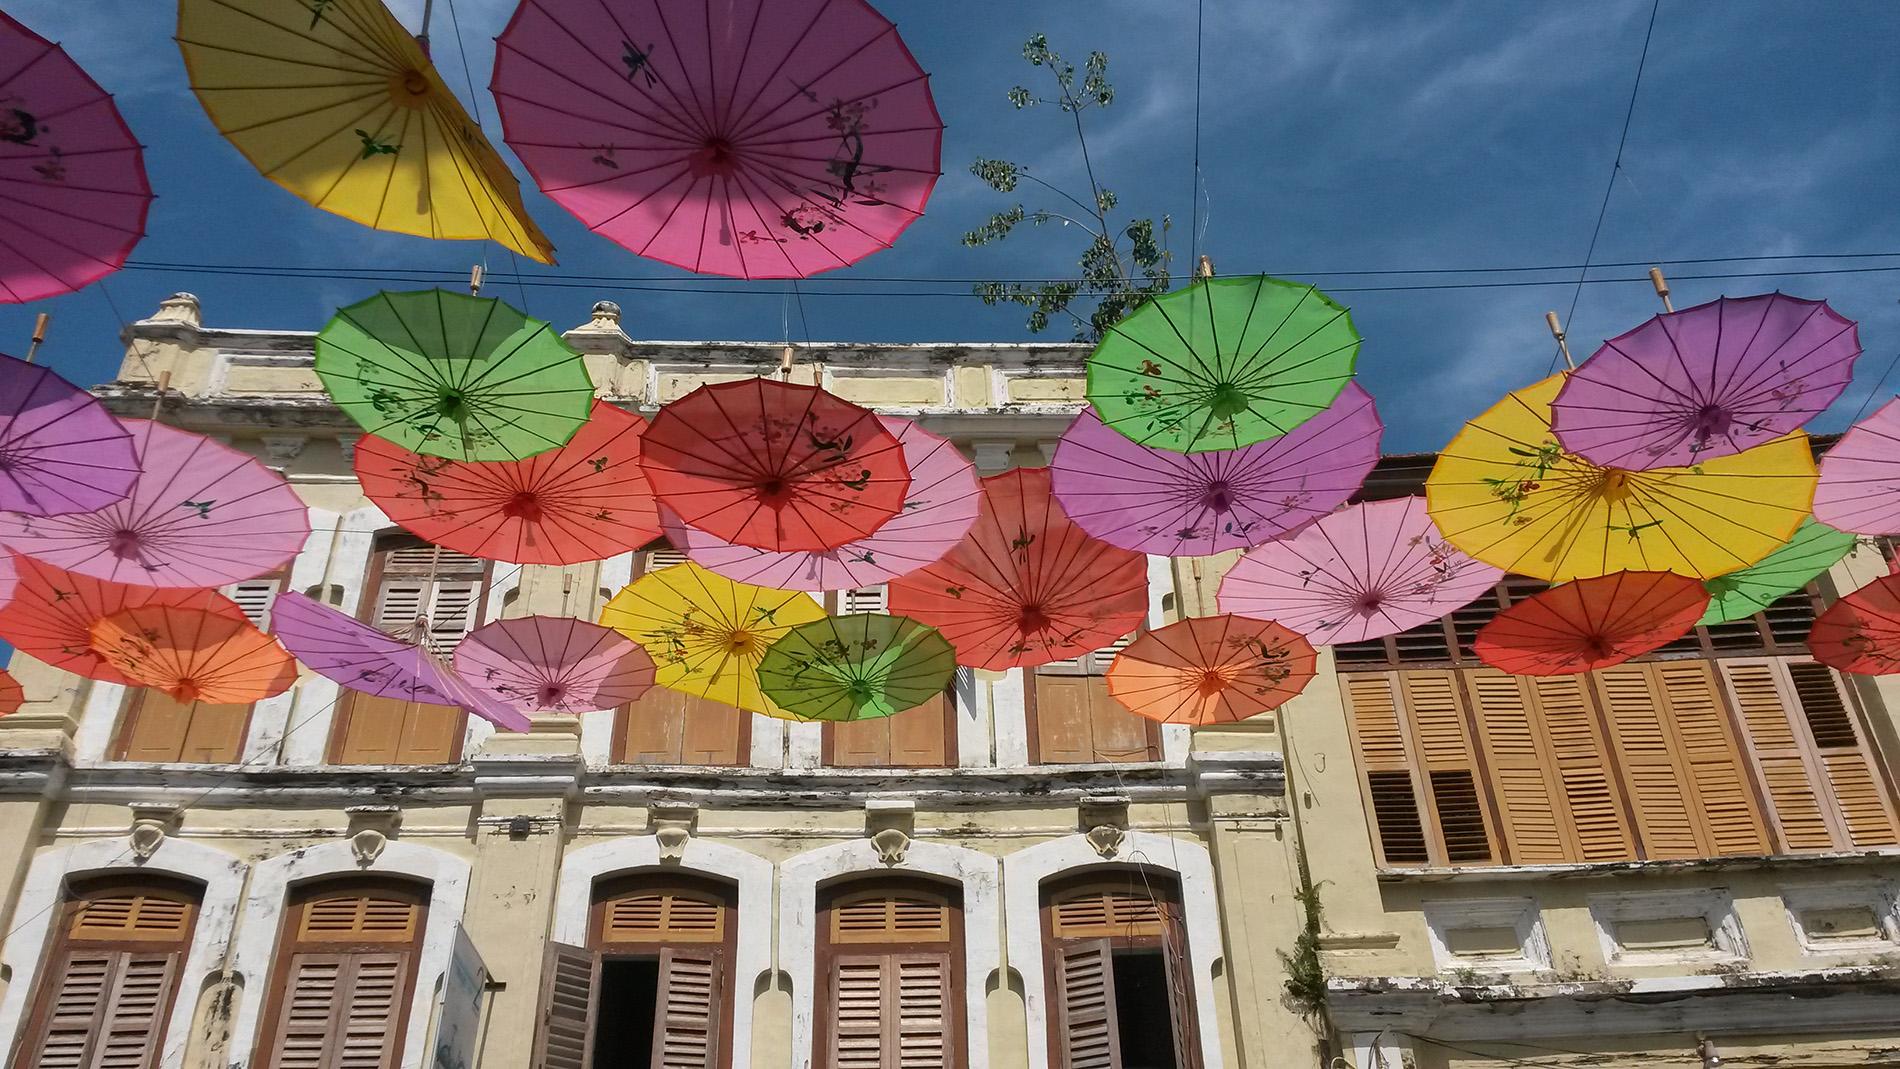 Farbenfrohes Bali, traumhaftes Reisezielfür Familien im Sommer